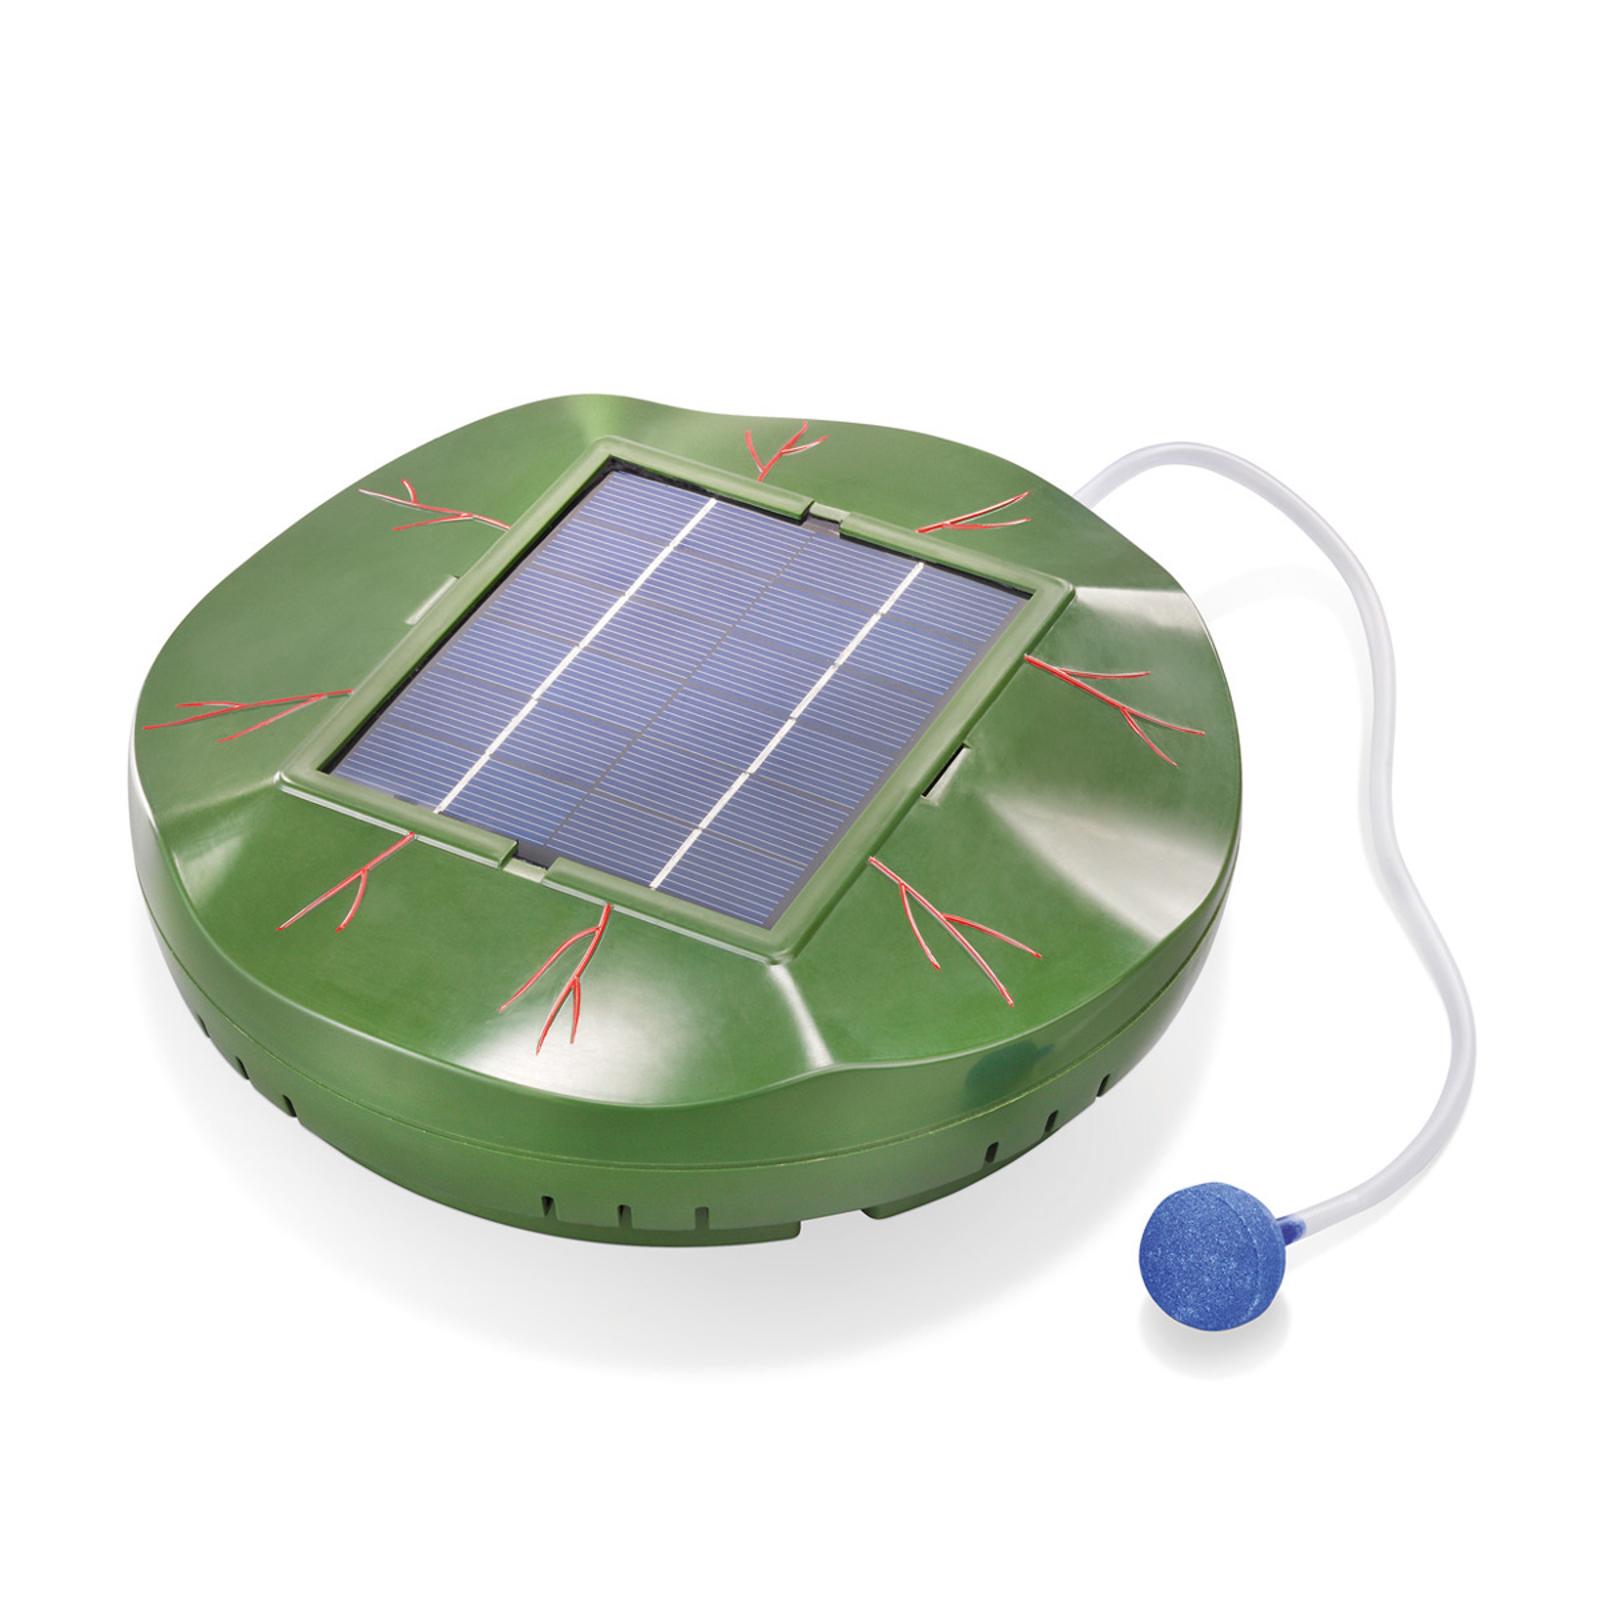 Solcelledrevet lufteventil Floating Air